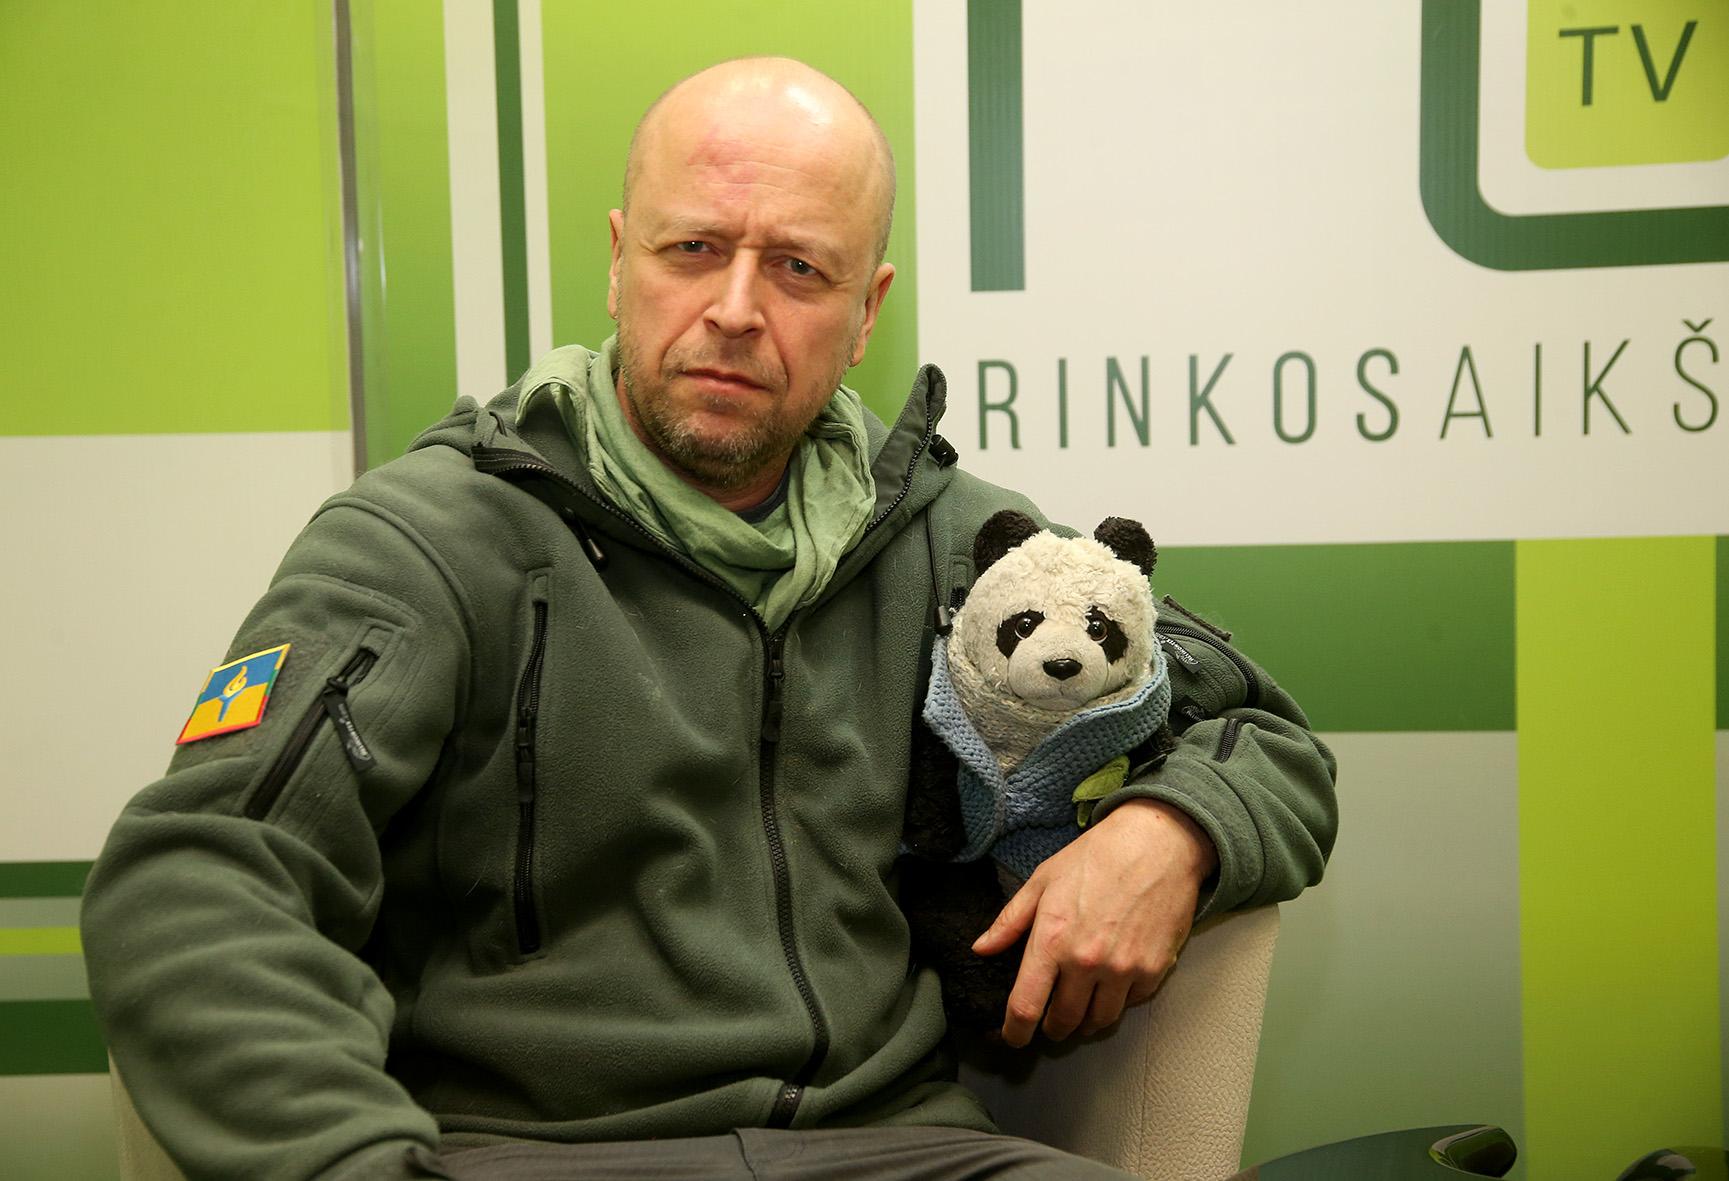 """Su Jonu Ohmanu visur keliauja pliušinė panda, kurią jis vadina patarėju, kolega, talismanu ir netgi """"frontininku"""". Ši panda buvo ir Ukrainoje: fronte bei pasitarimuose su aukštais pareigūnais. Meškiukas mylimas bei gerbiamas Ukrainos karių. """"Panda"""" taip pat yra ir J. Ohmano slapyvardis, kuriuo jį """"pakrikštijo"""" Ukrainoje. Algimanto Barzdžiaus nuotr."""